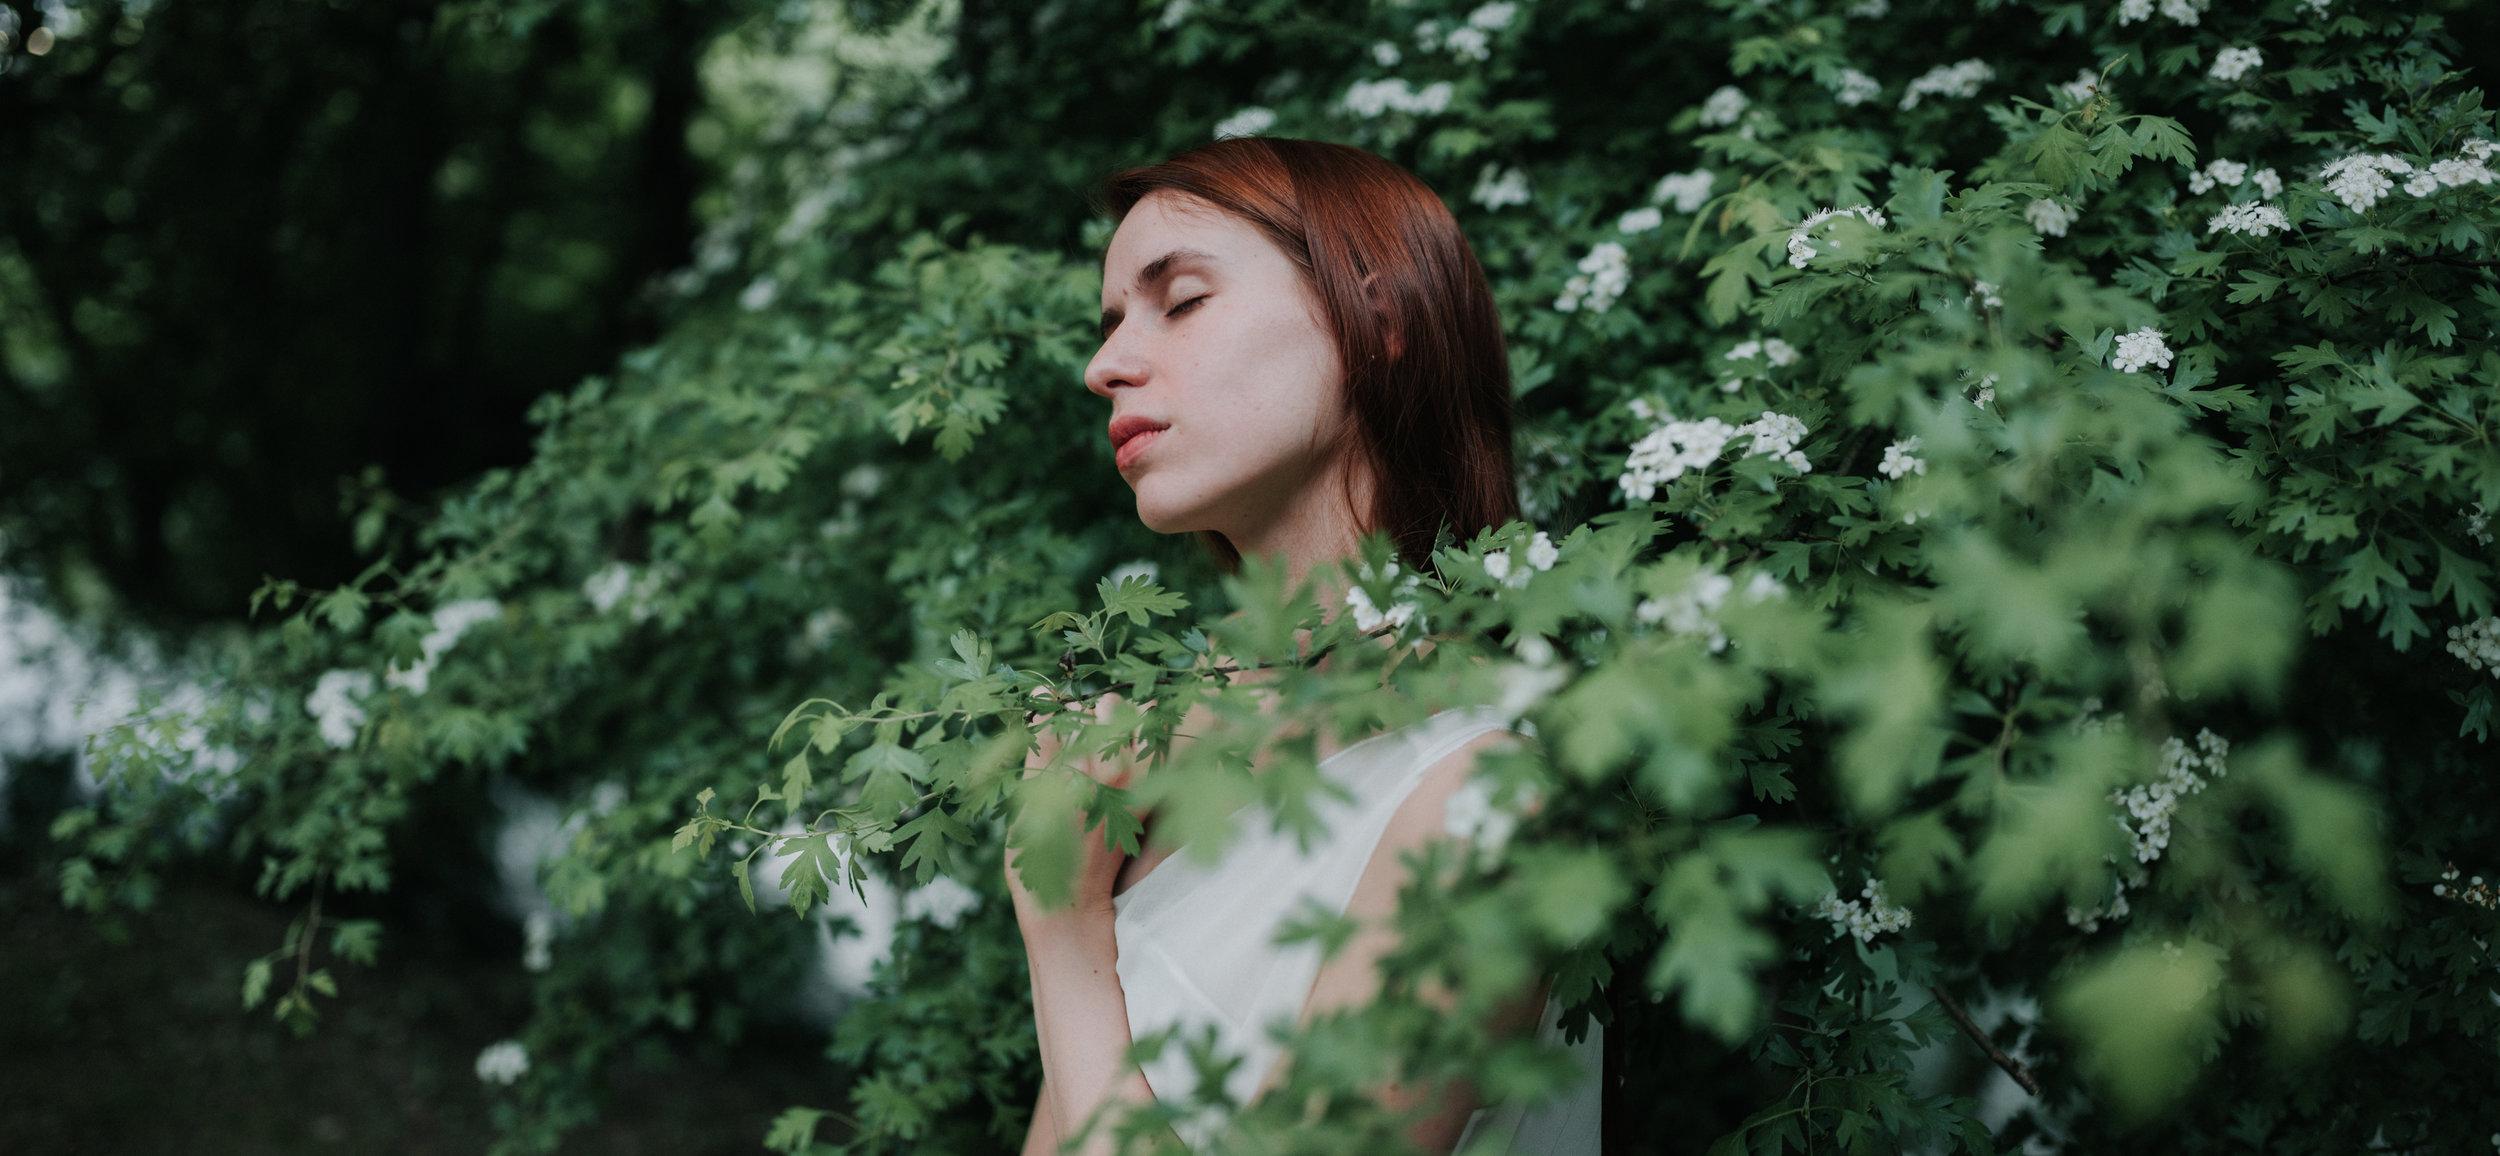 Léa-Fery-photographe-professionnel-lyon-rhone-alpes-portrait-creation-mariage-evenement-evenementiel-famille-.jpg